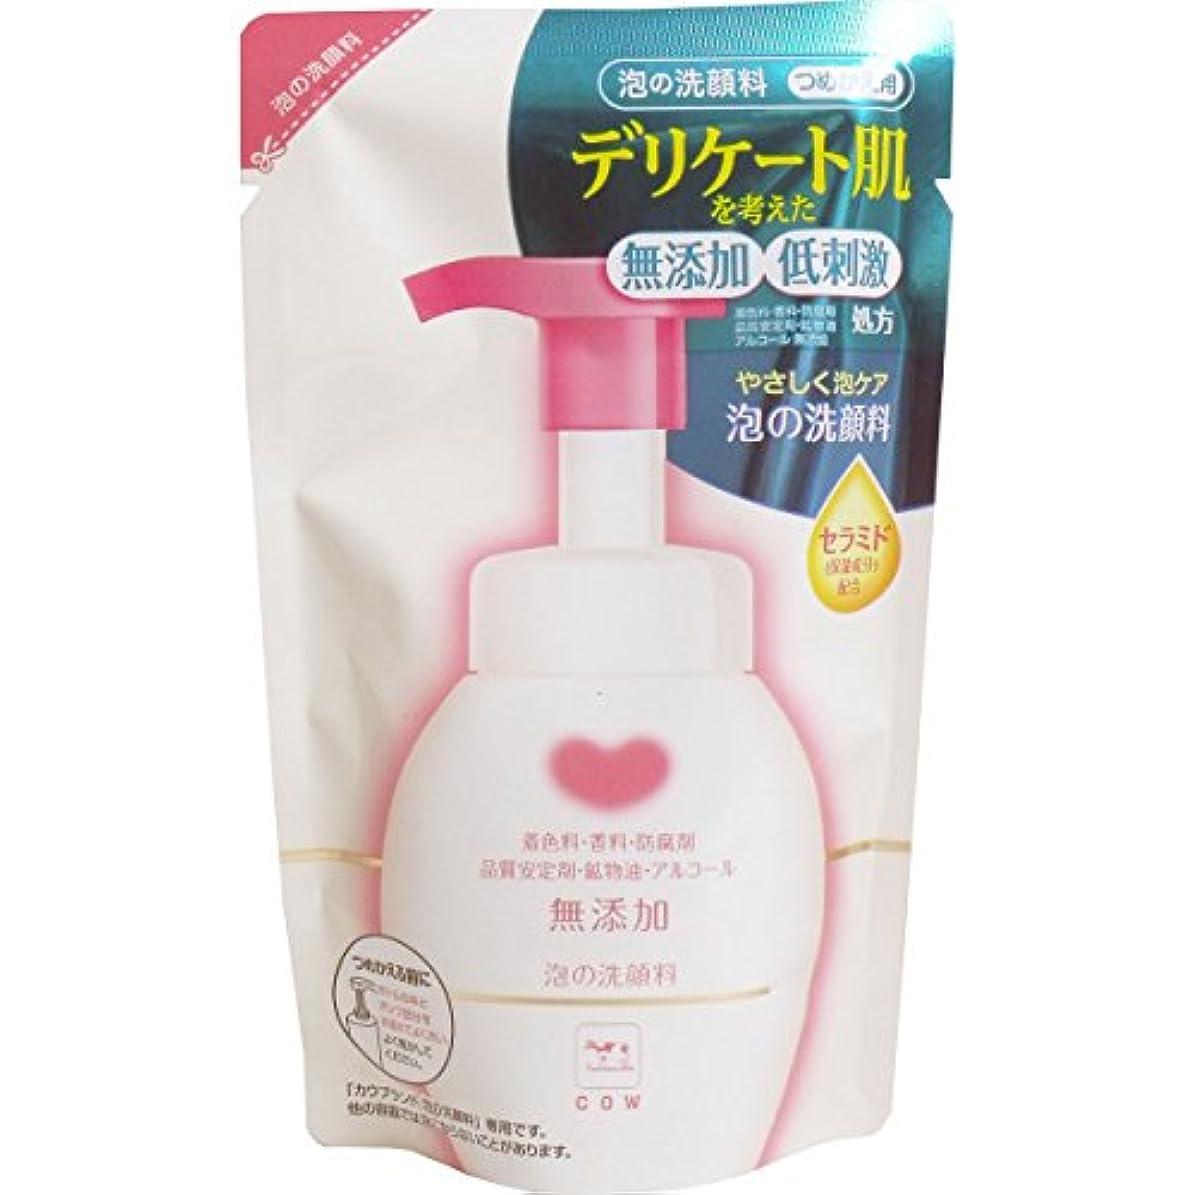 シチリアフロント化合物カウブランド 無添加 泡の洗顔料 つめかえ用 180ml x 10個セット